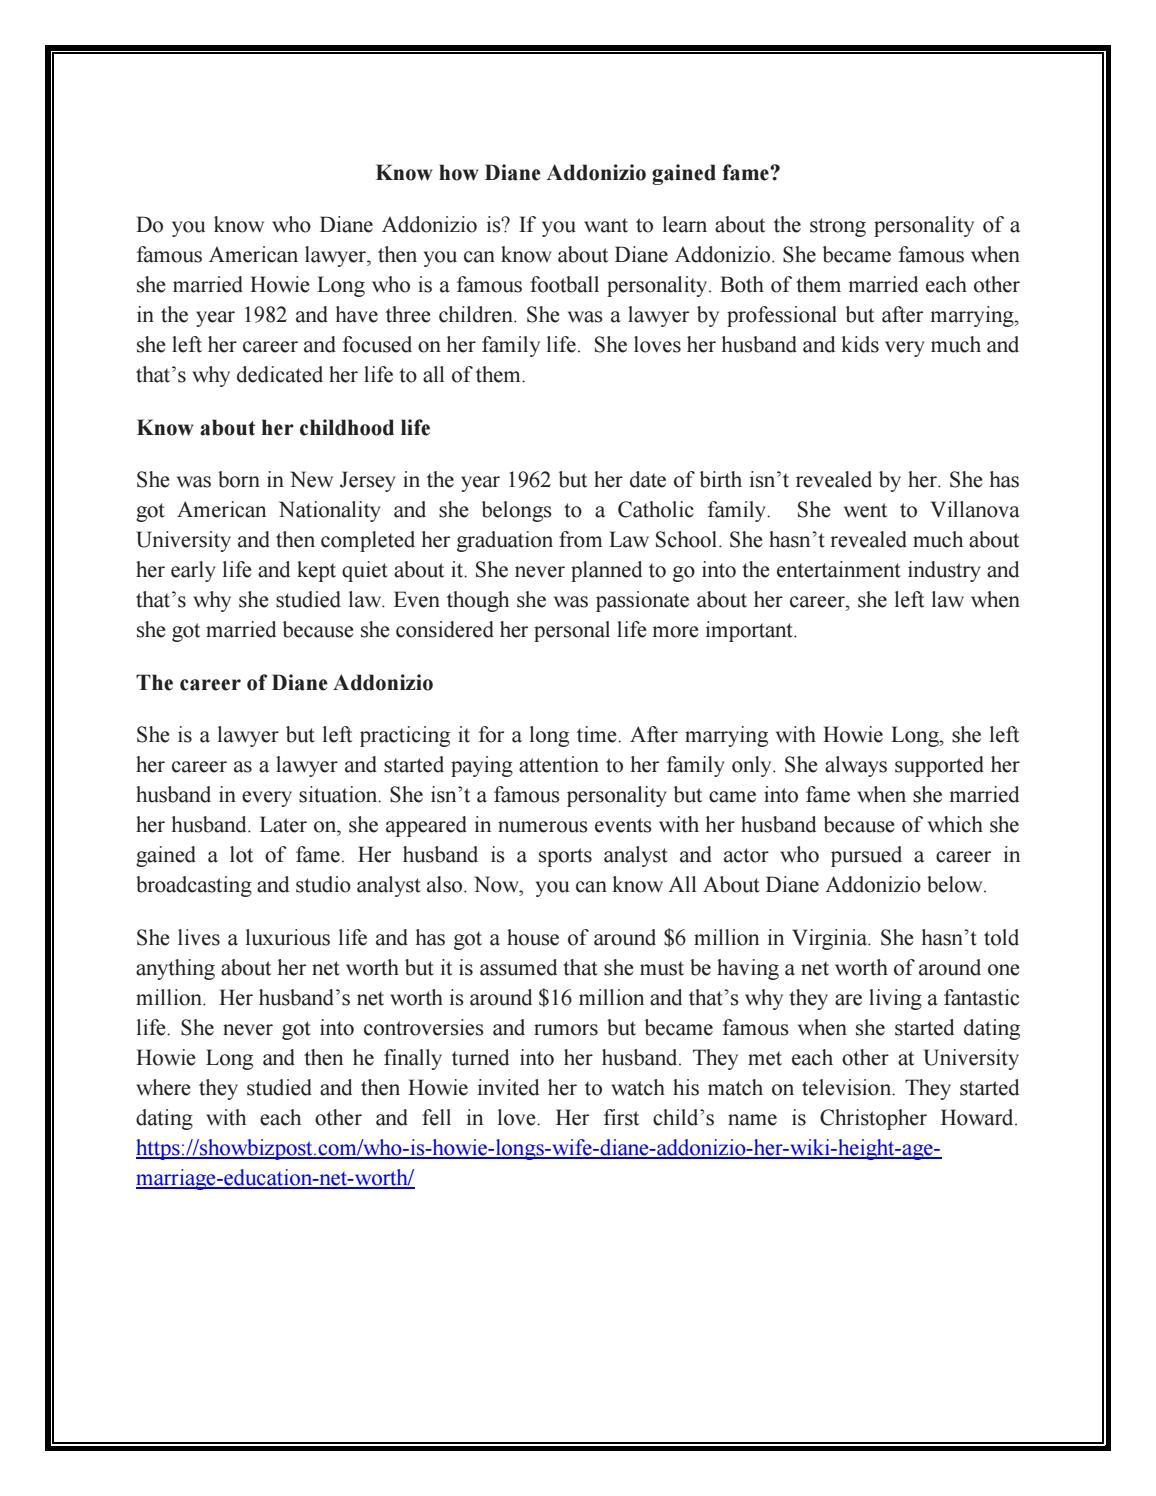 All About Diane Addonizio By Lewislarry054 Issuu Quick facts of diane addonizio. diane addonizio by lewislarry054 issuu